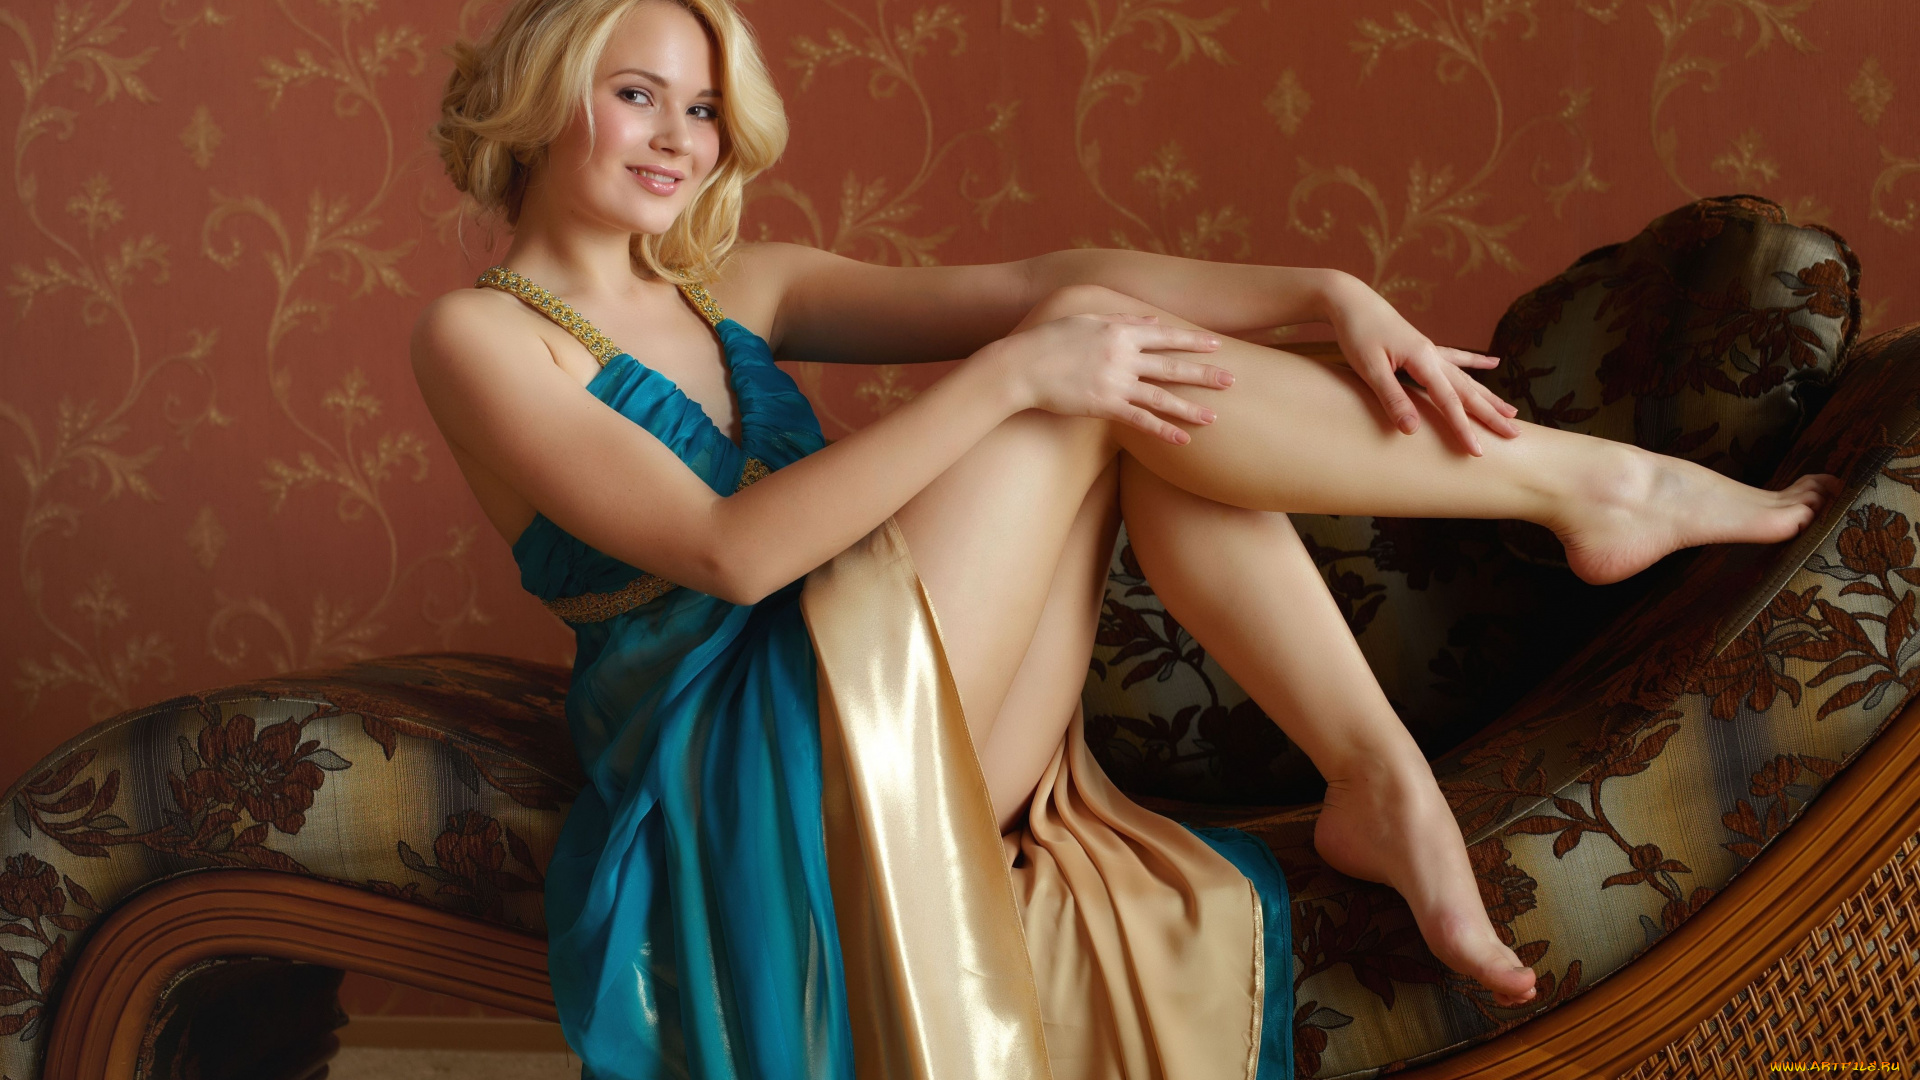 Экспрессивная девушка снимает халат и показывает киску  638824